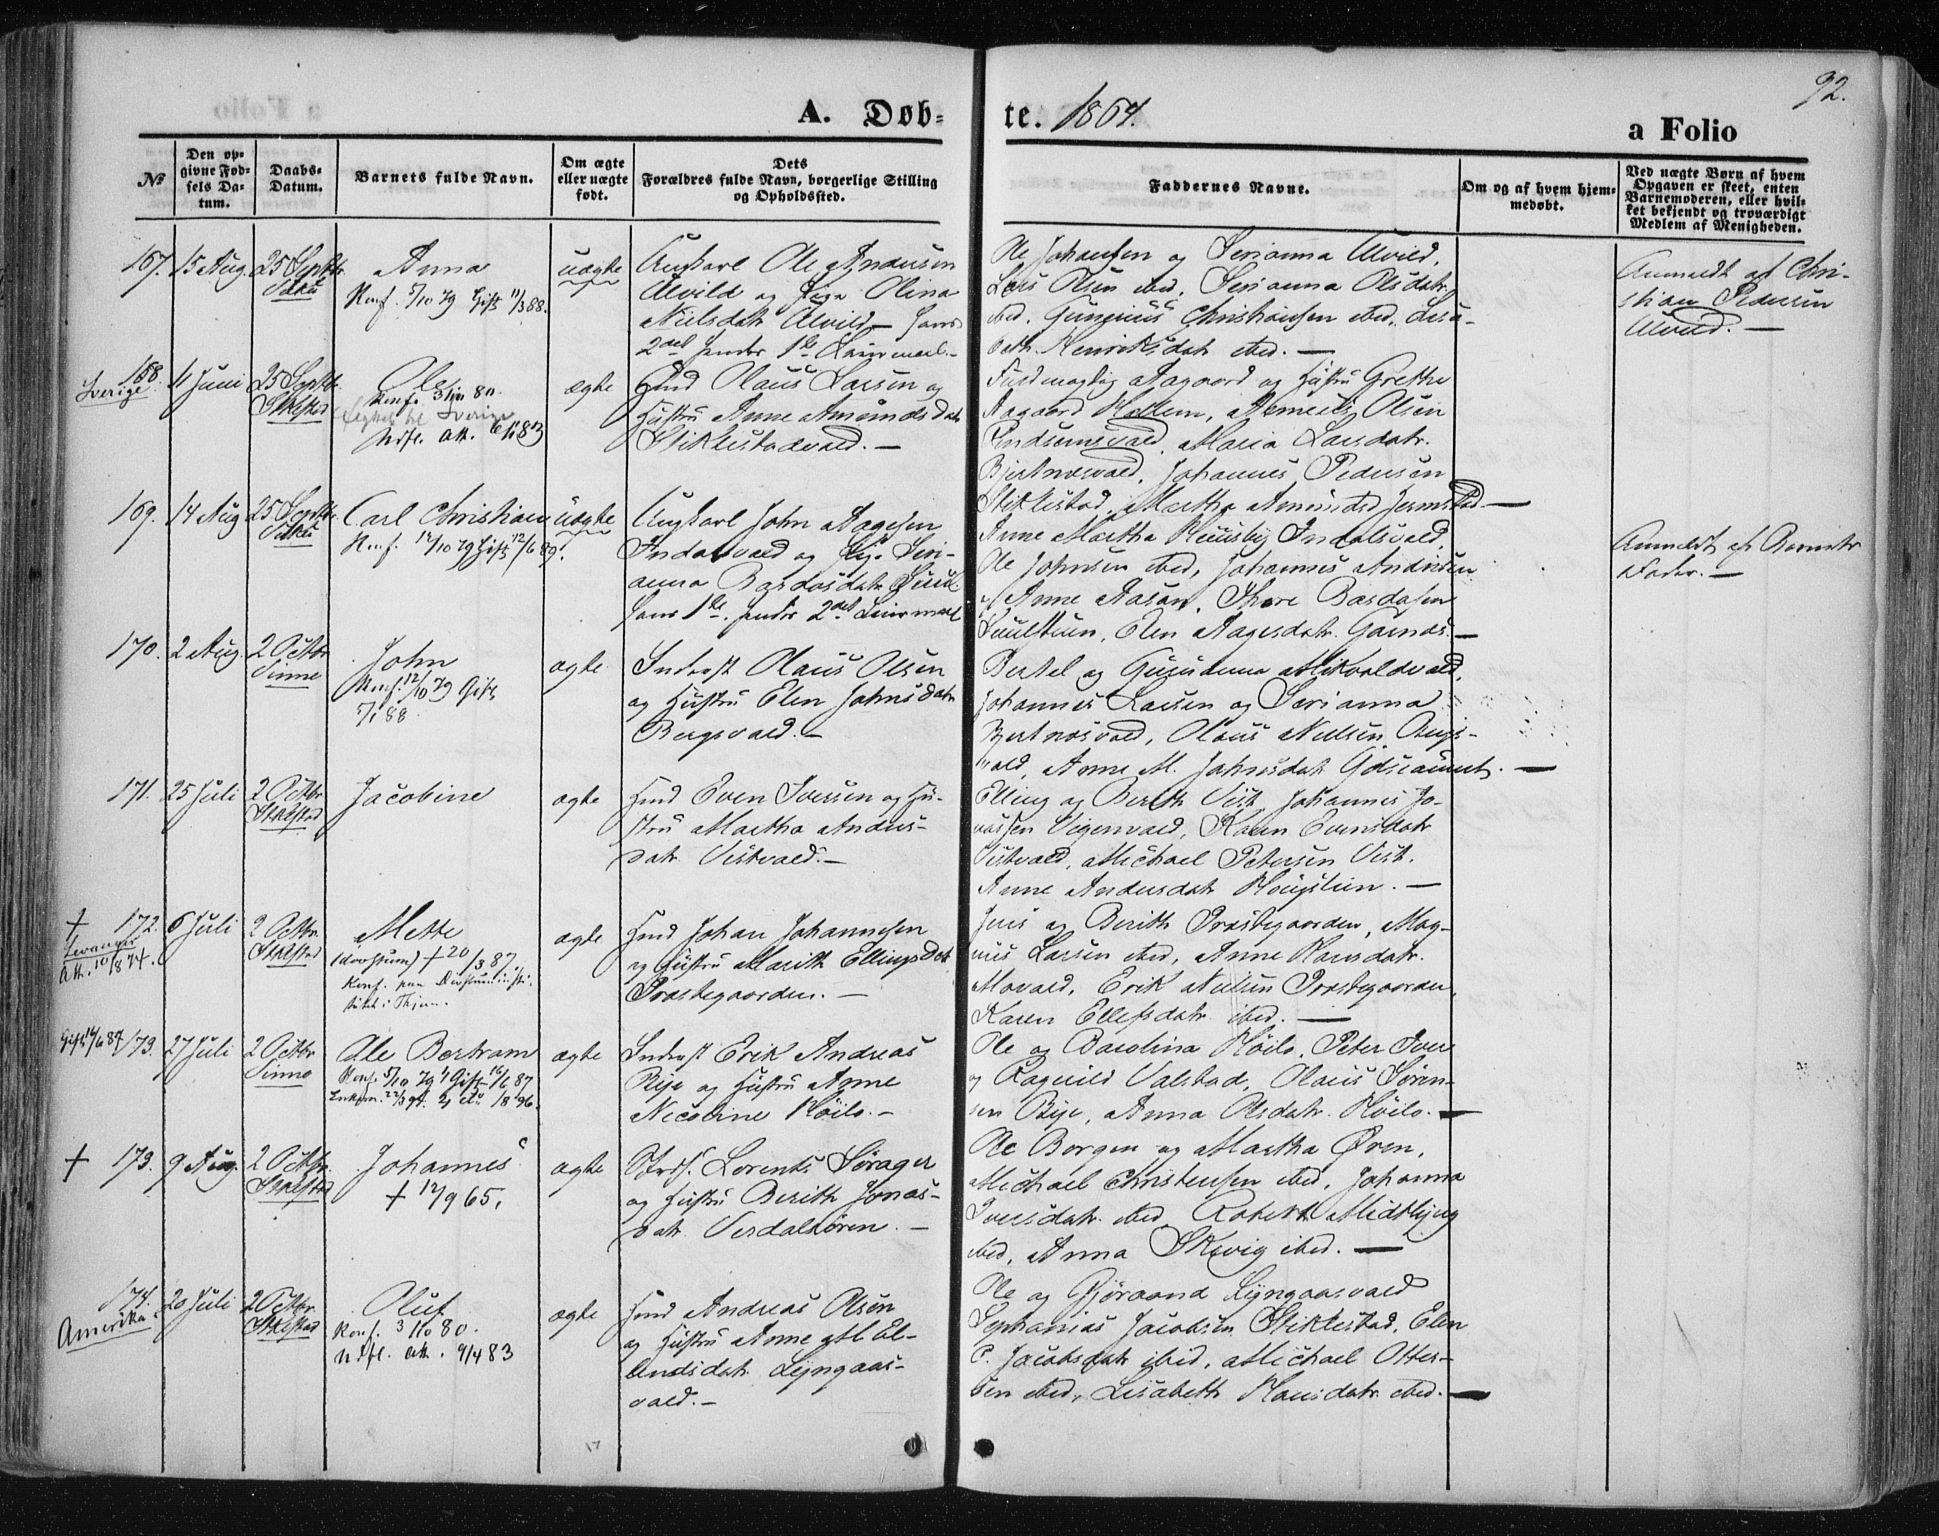 SAT, Ministerialprotokoller, klokkerbøker og fødselsregistre - Nord-Trøndelag, 723/L0241: Ministerialbok nr. 723A10, 1860-1869, s. 92